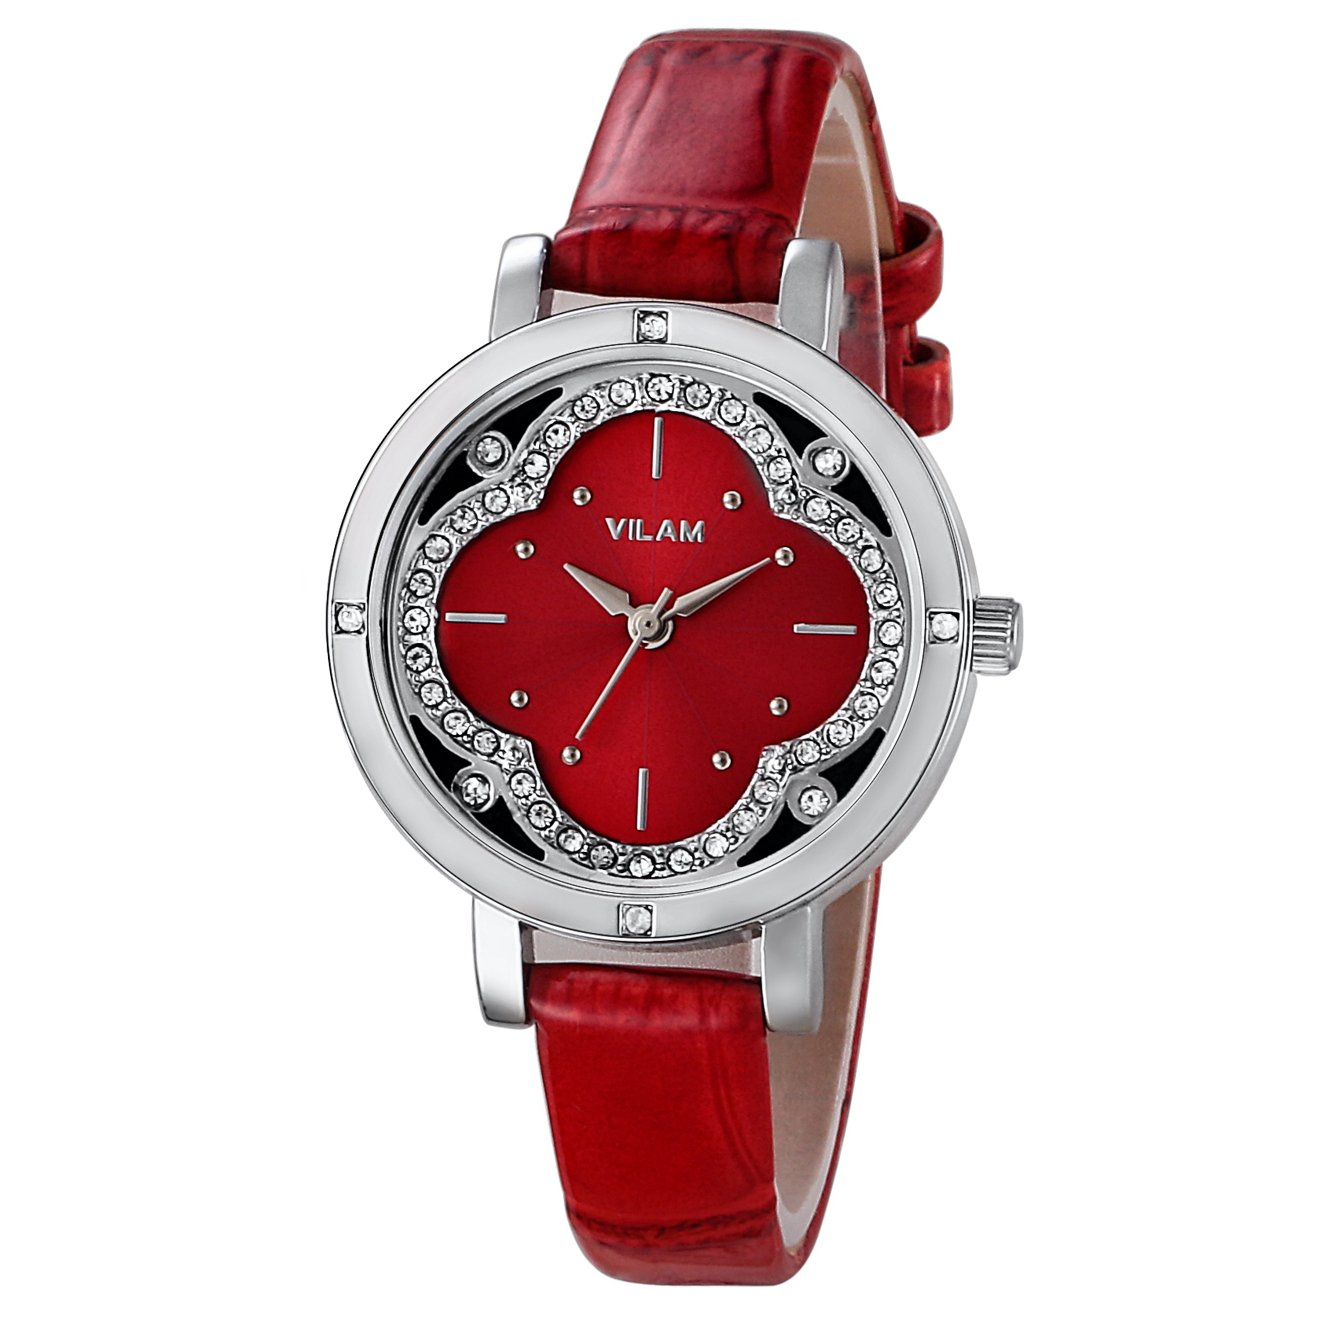 VILAM Women Quartz Wrist Watch Dress Watch Red Clover Dial Watch PRECIOSA Stone WatchRed Strap Ladies Watch 30M Waterproof